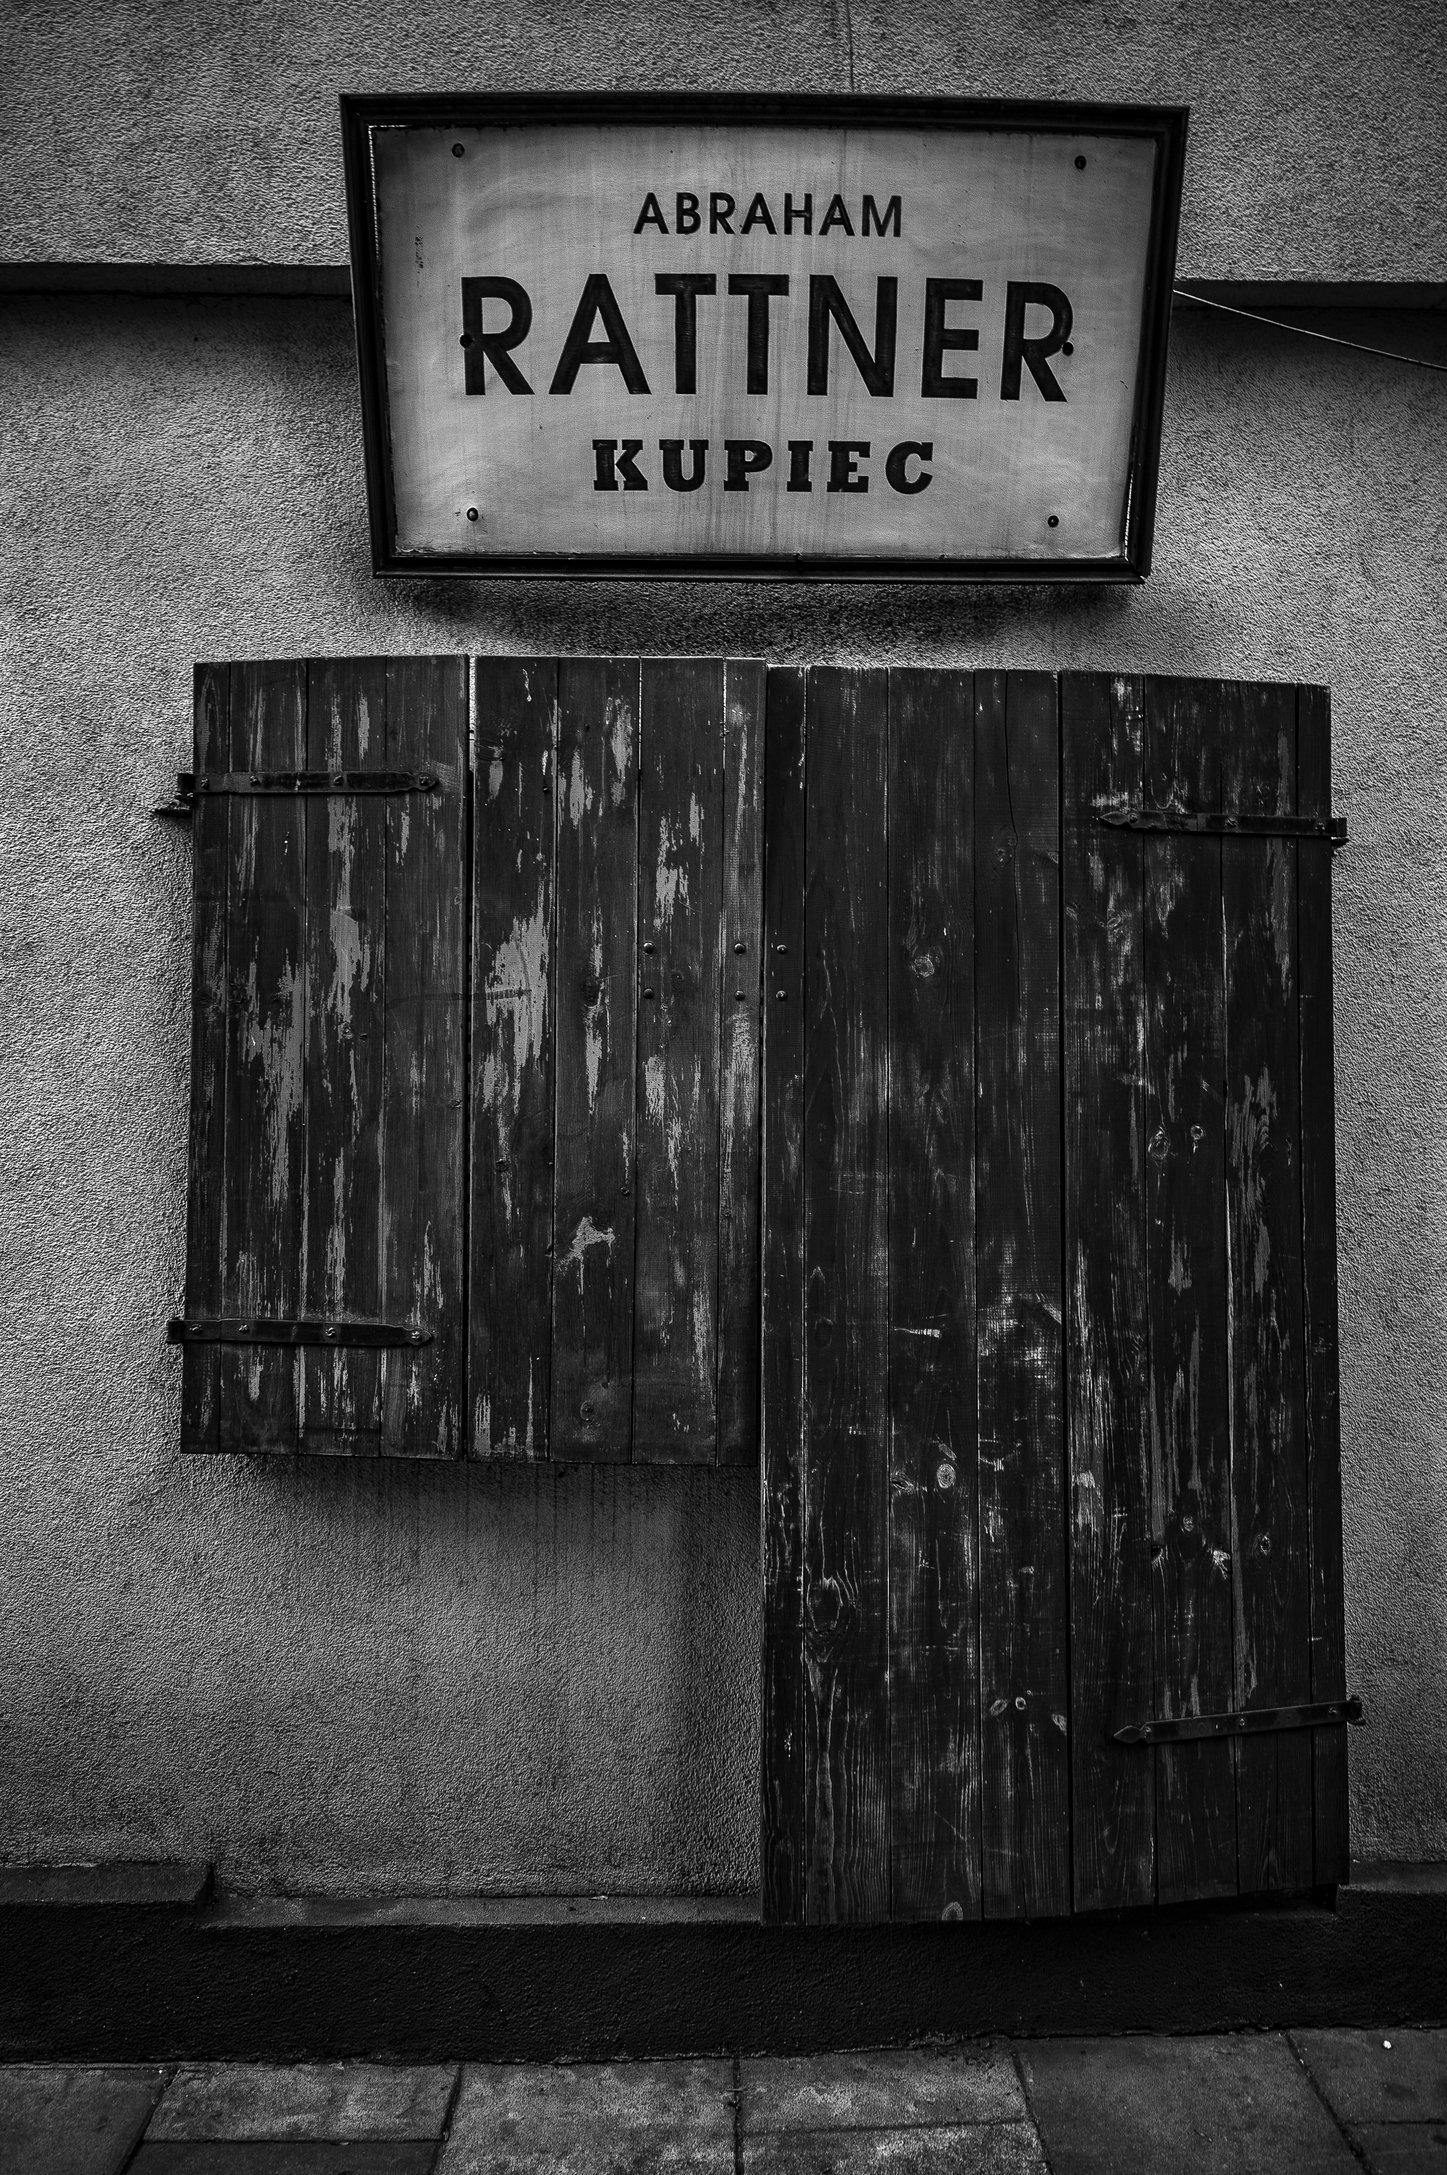 kazimierz-11-MASTER COPY.jpg